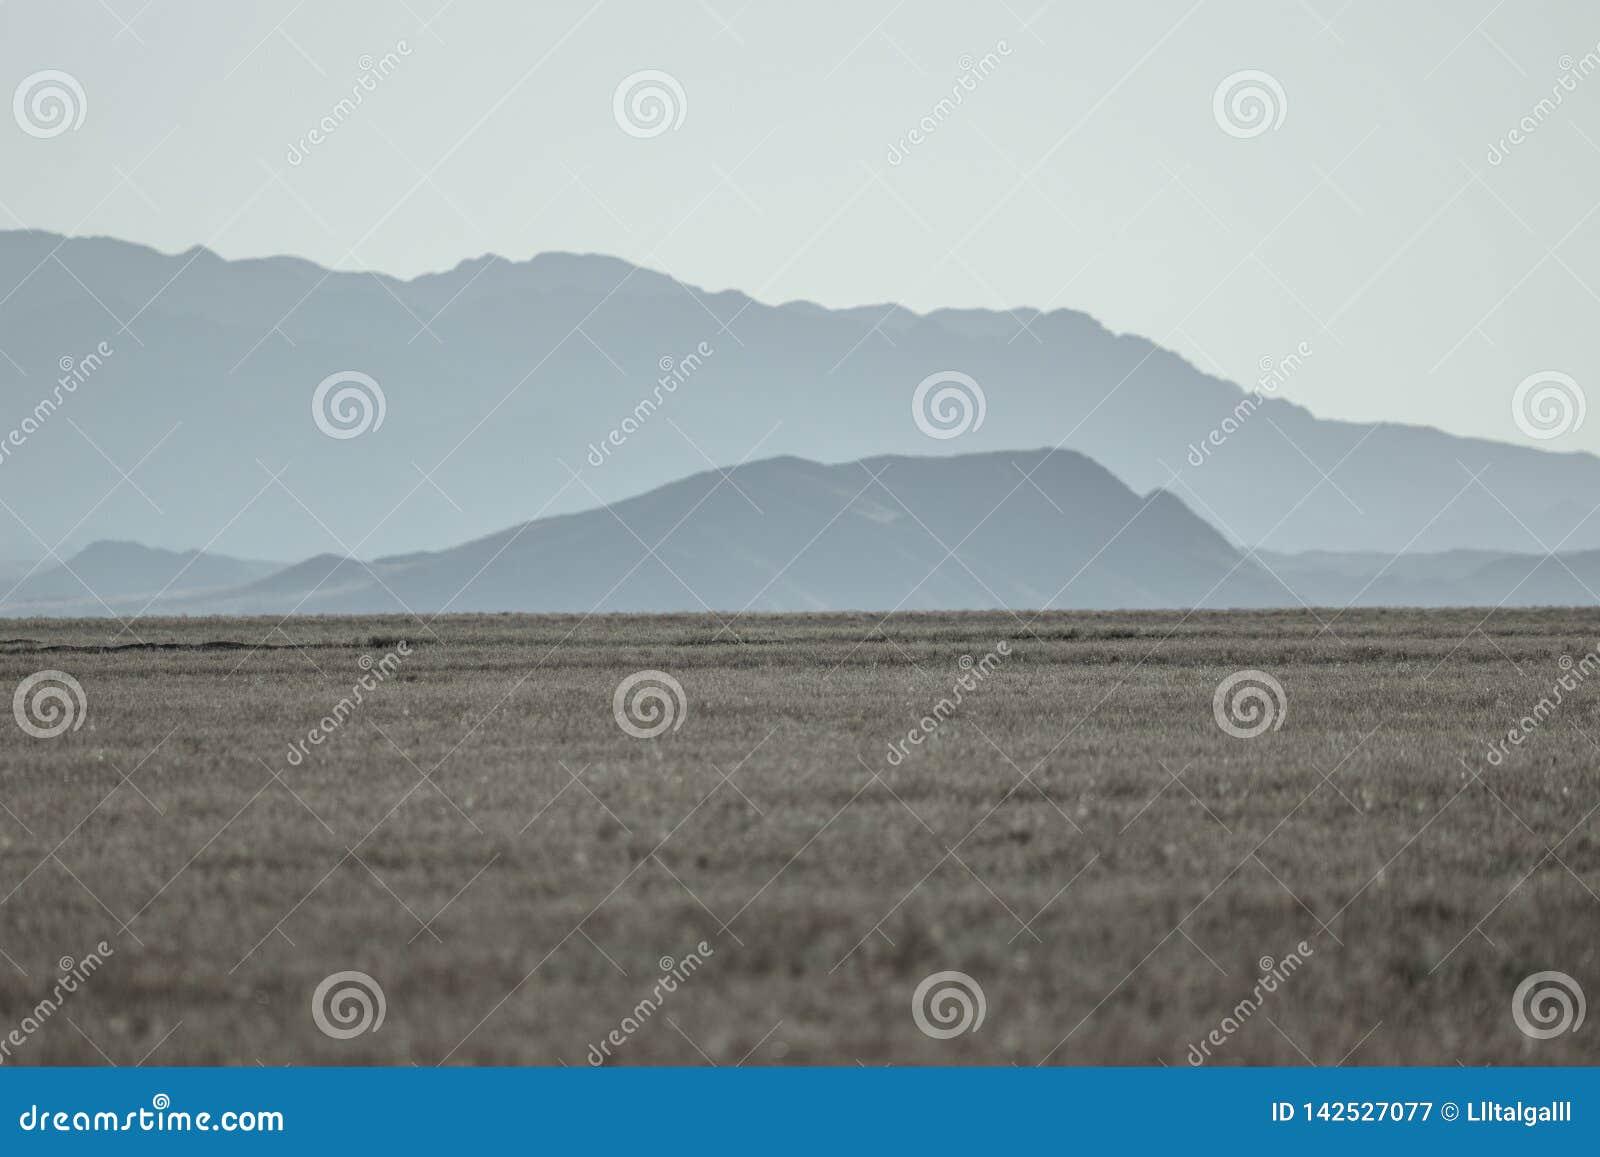 Landscape near the Charyn canyon.